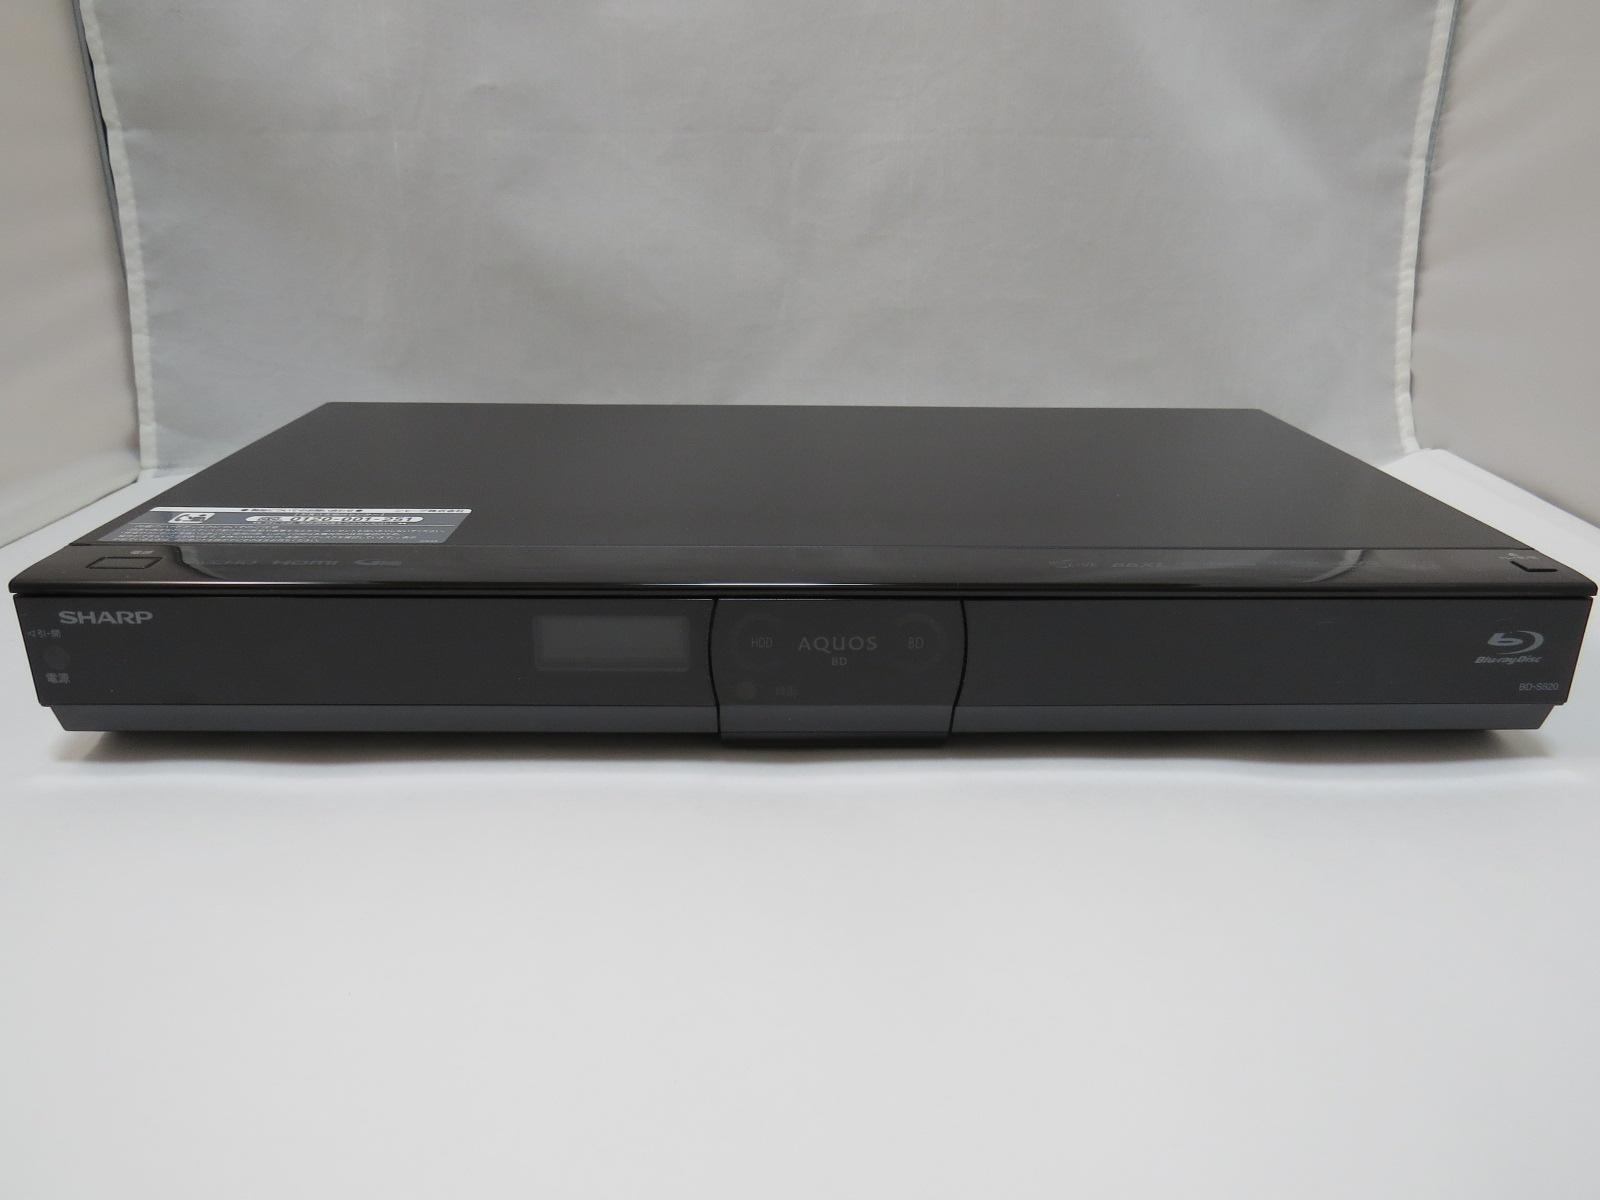 SHARP BD-S520を買ってみた。